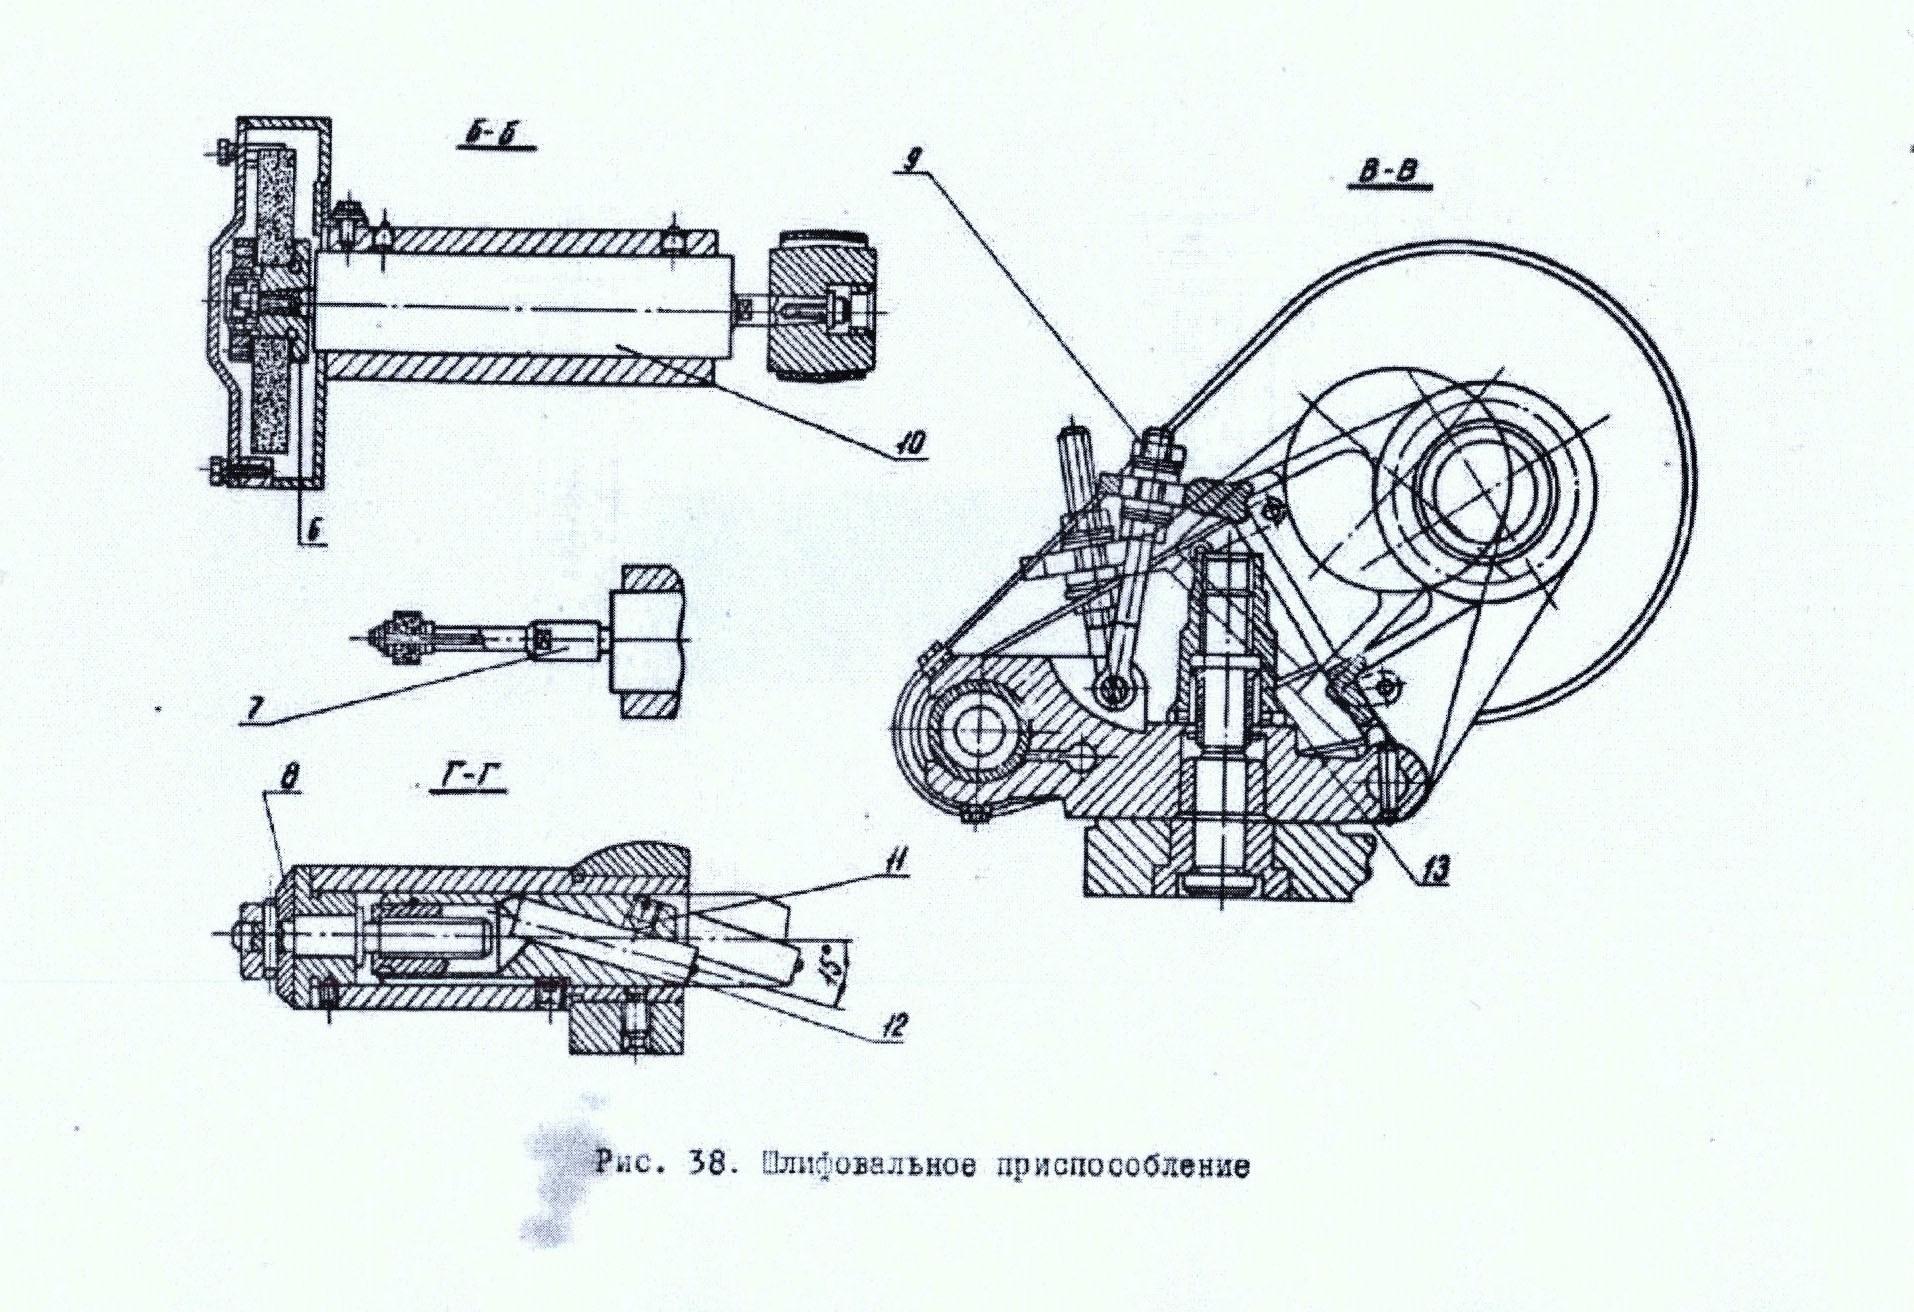 Хайтек головка шлифовальная для токарного станка вгр-300